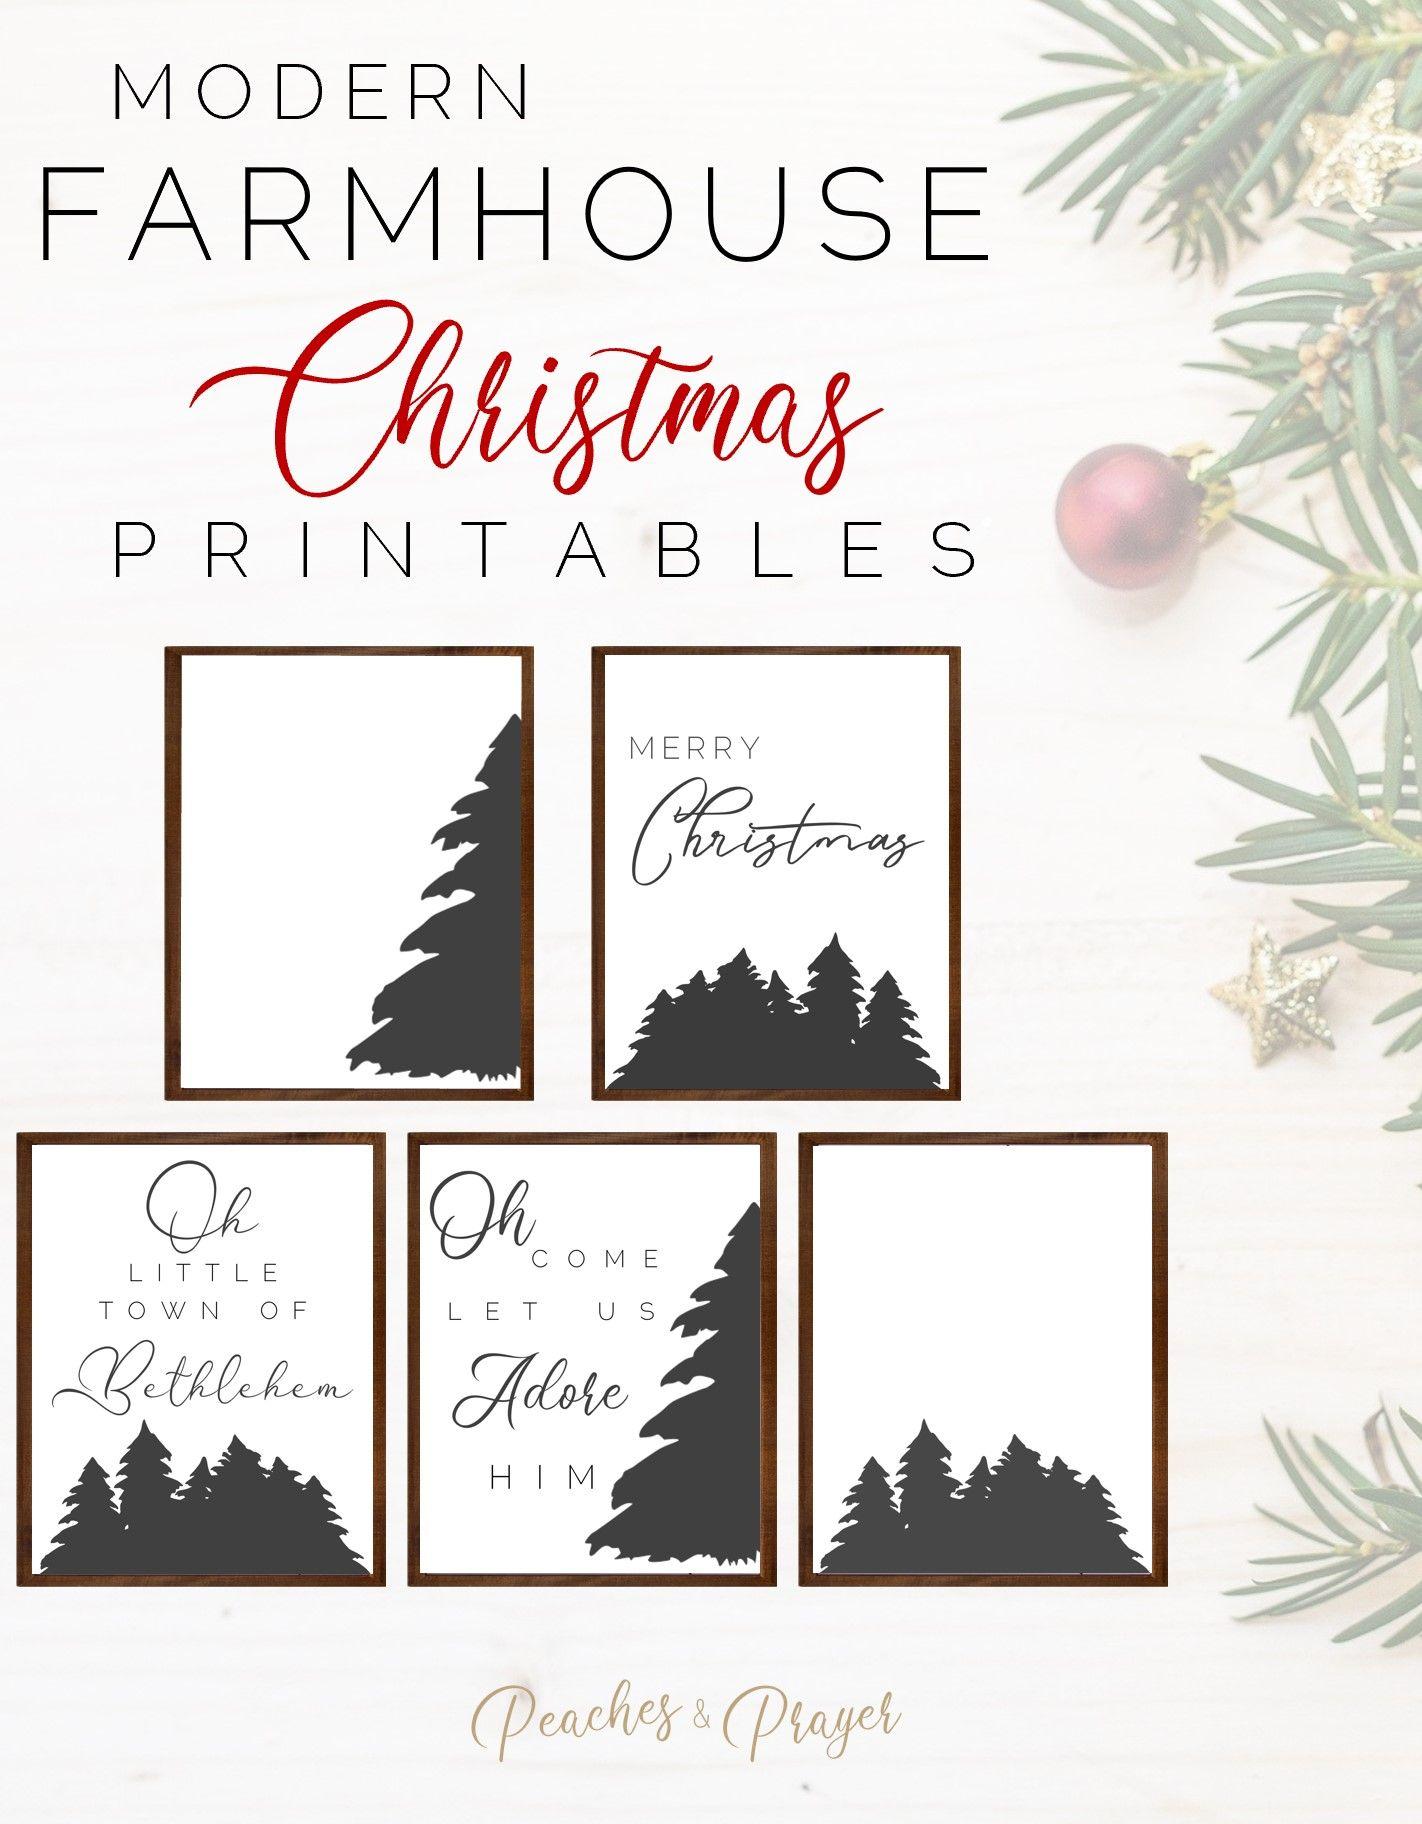 11 Free Christian Christmas Printables Christian Christmas Printables Christian Christmas Christmas Printables